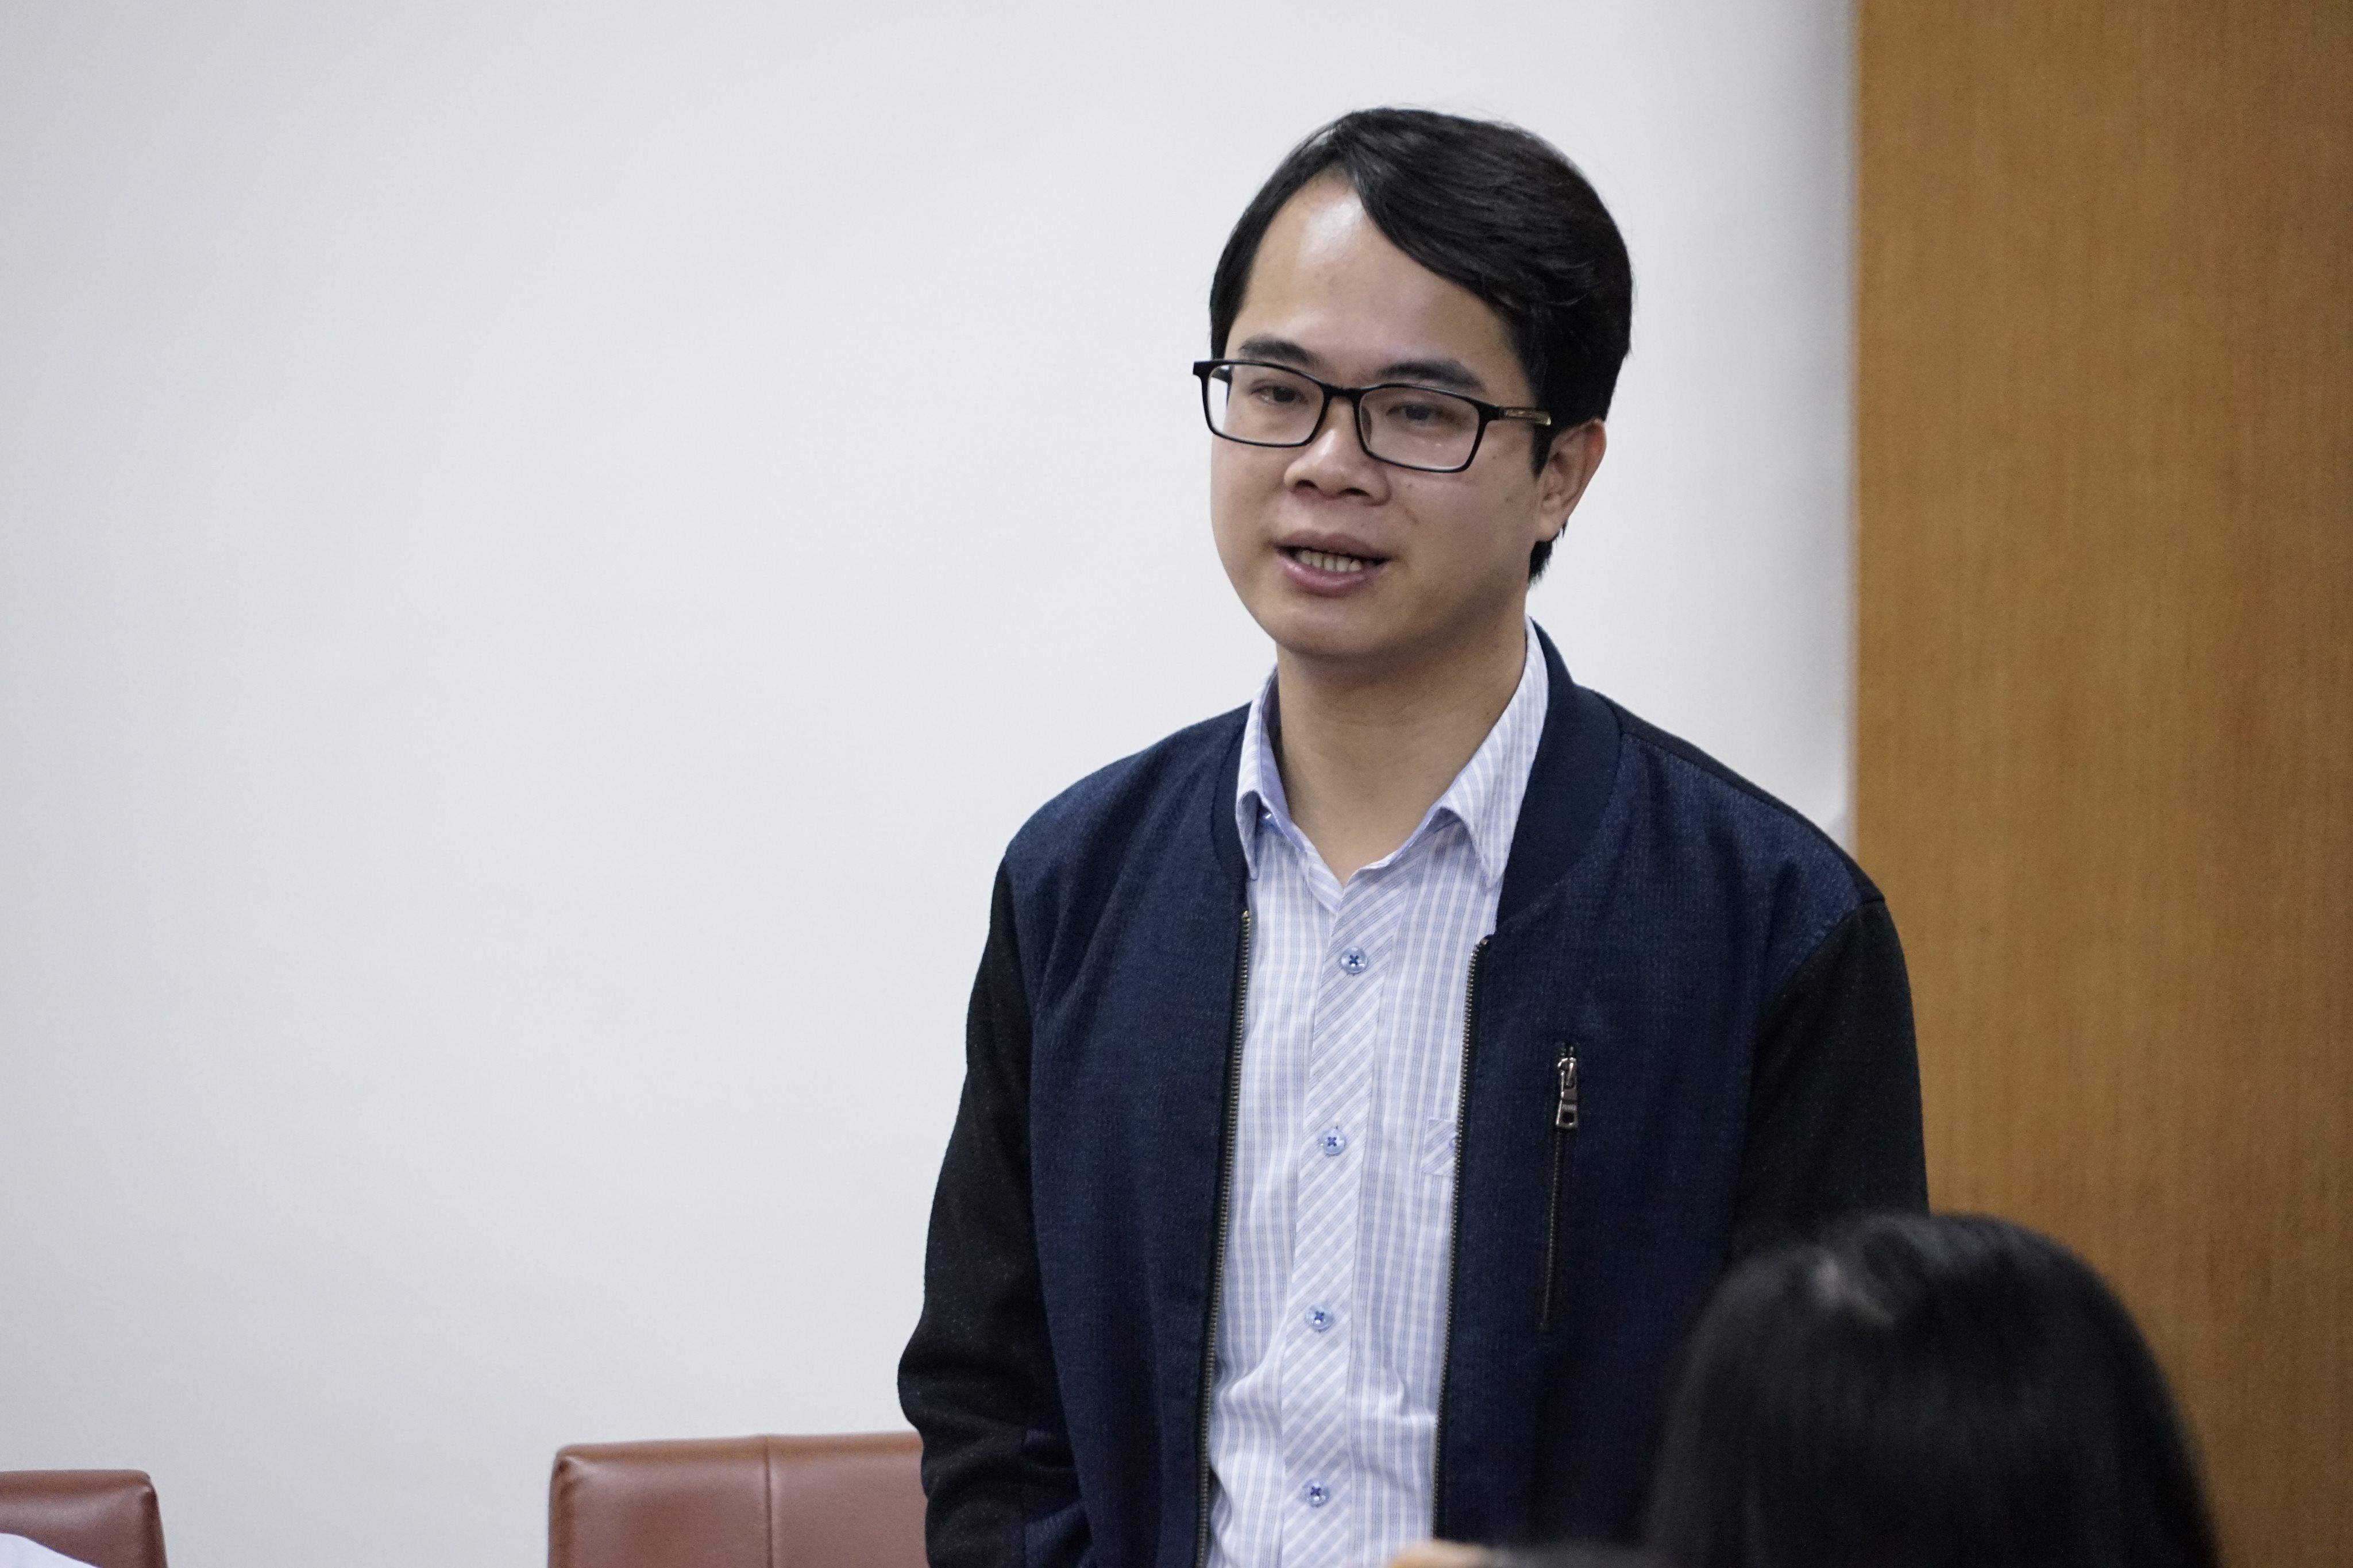 Bệnh viện Bạch Mai thông tin vụ bác sỹ khuyên bệnh nhân đến Chùa Ba Vàng chữa bệnh